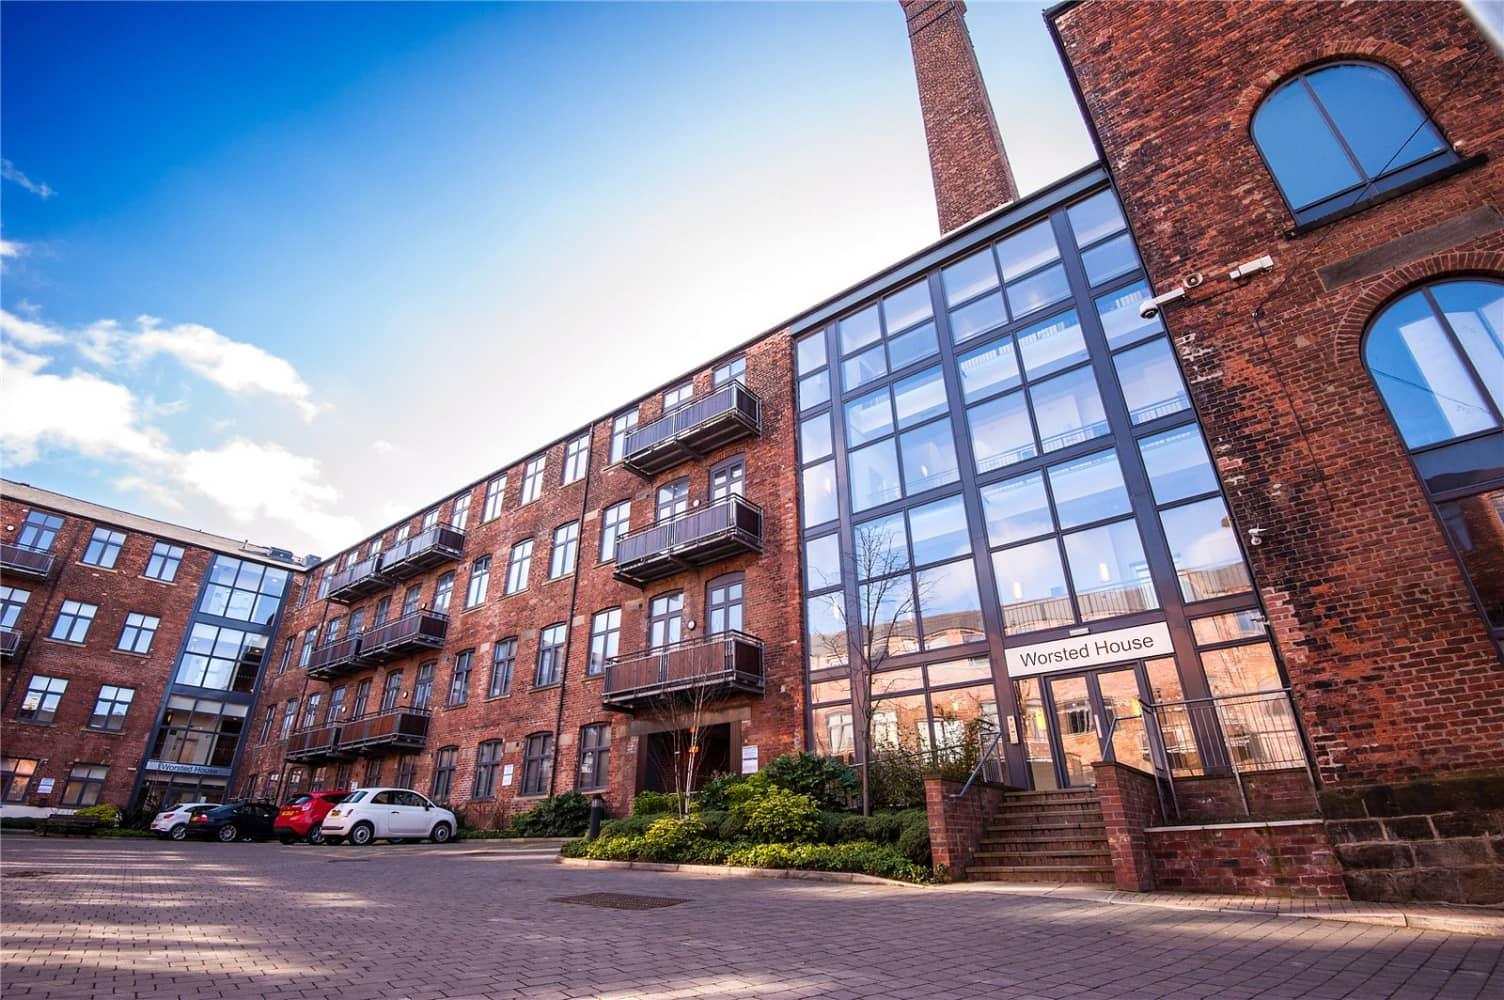 Studio East street, leeds, LS9 - Worsted House East Street Mills East Street, Leeds West Yorkshire - 00